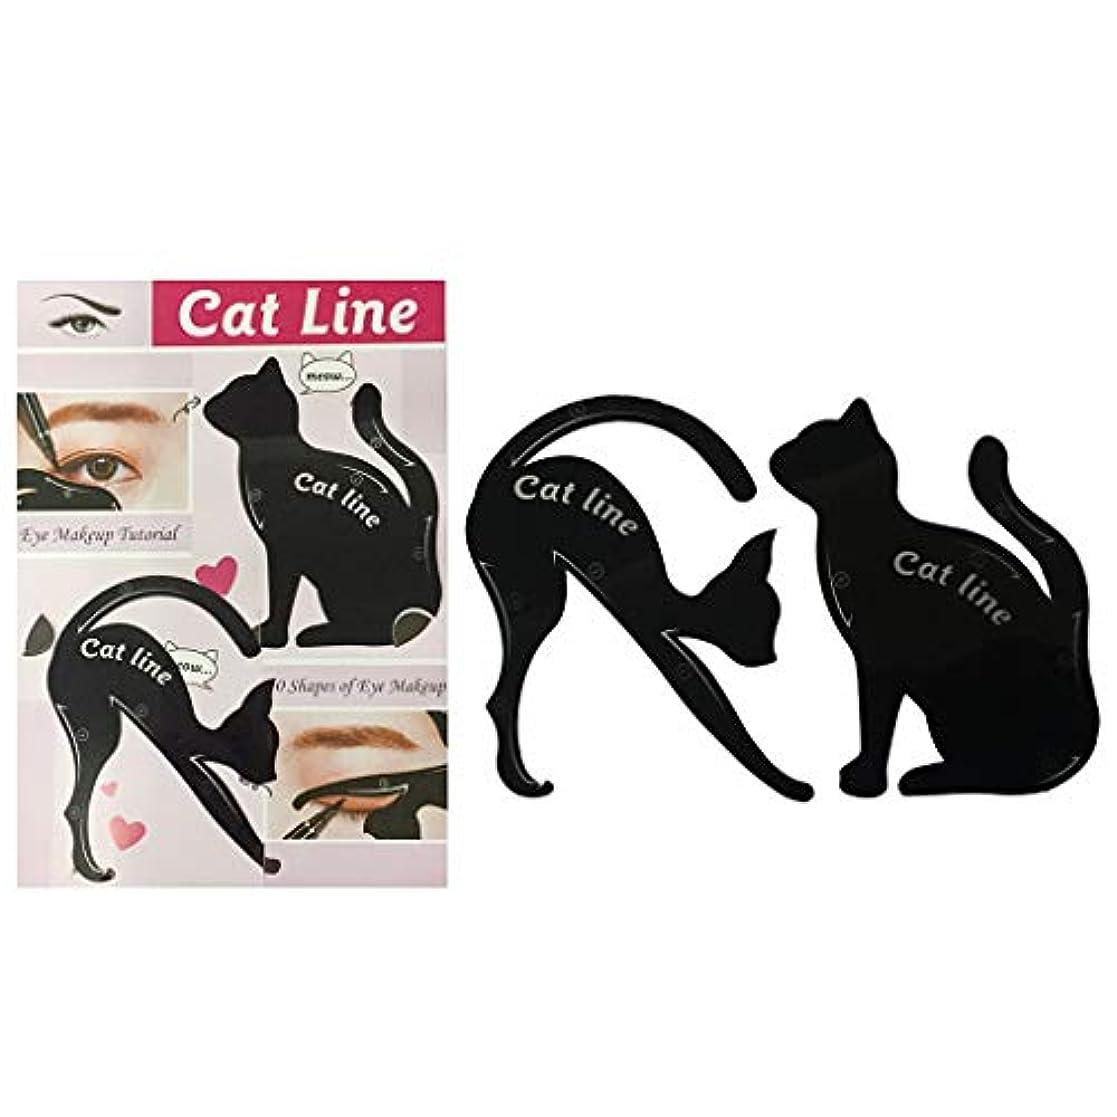 回復する連合湿ったKimyuo 2ピースアイライナーデッサン猫形状テンプレートカードファッション化粧品ツールキットスモーキー猫目メイクアクセサリー初心者使用